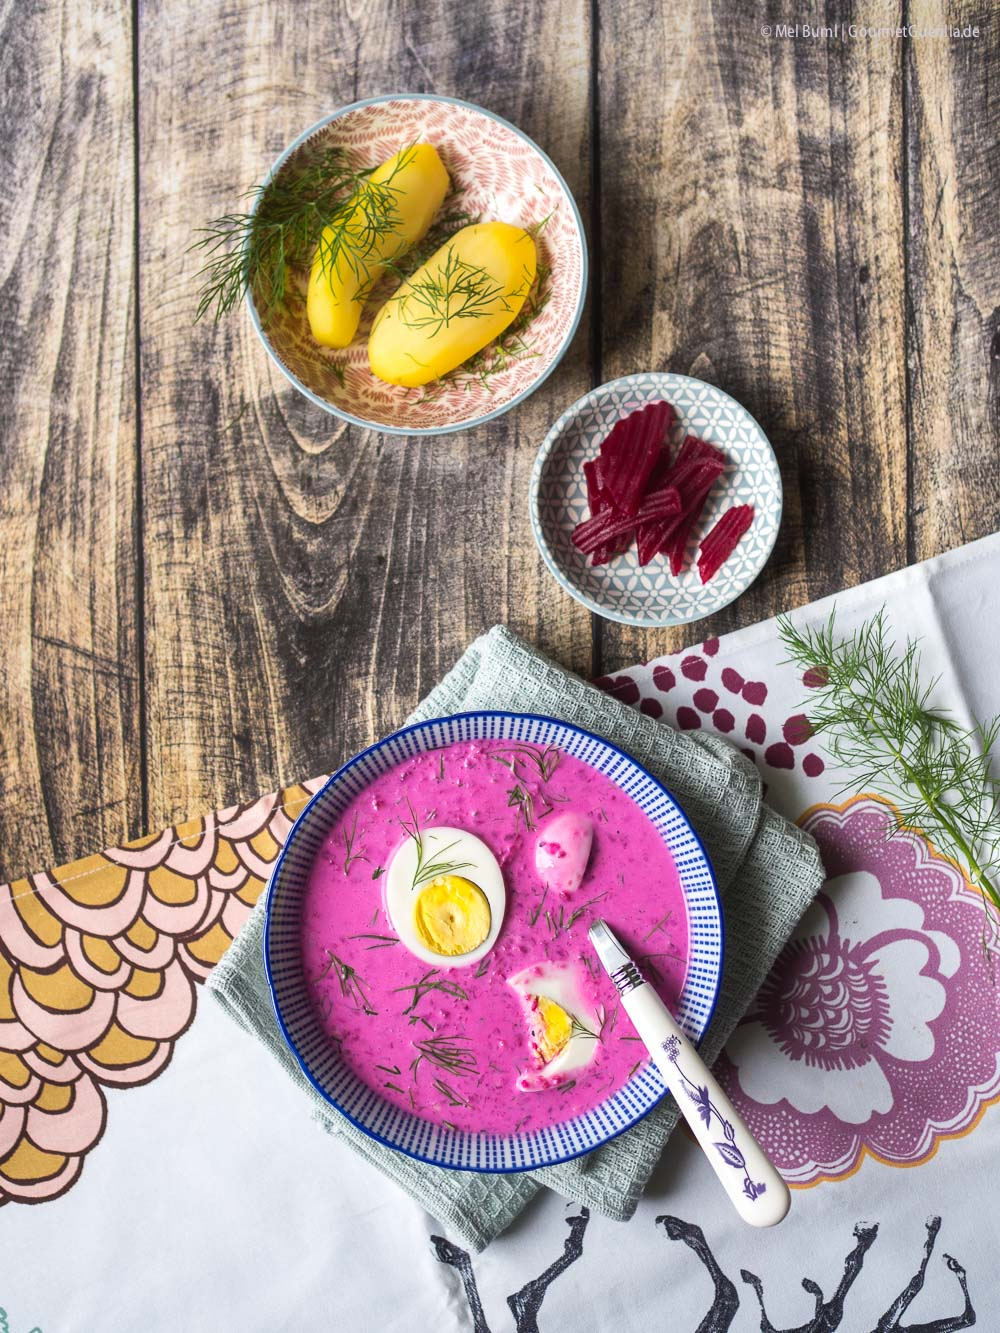 Litauische Rote-Bete-Kaltschale Saltibarsciai mit gekochtem Ei |GourmetGuerilla.de